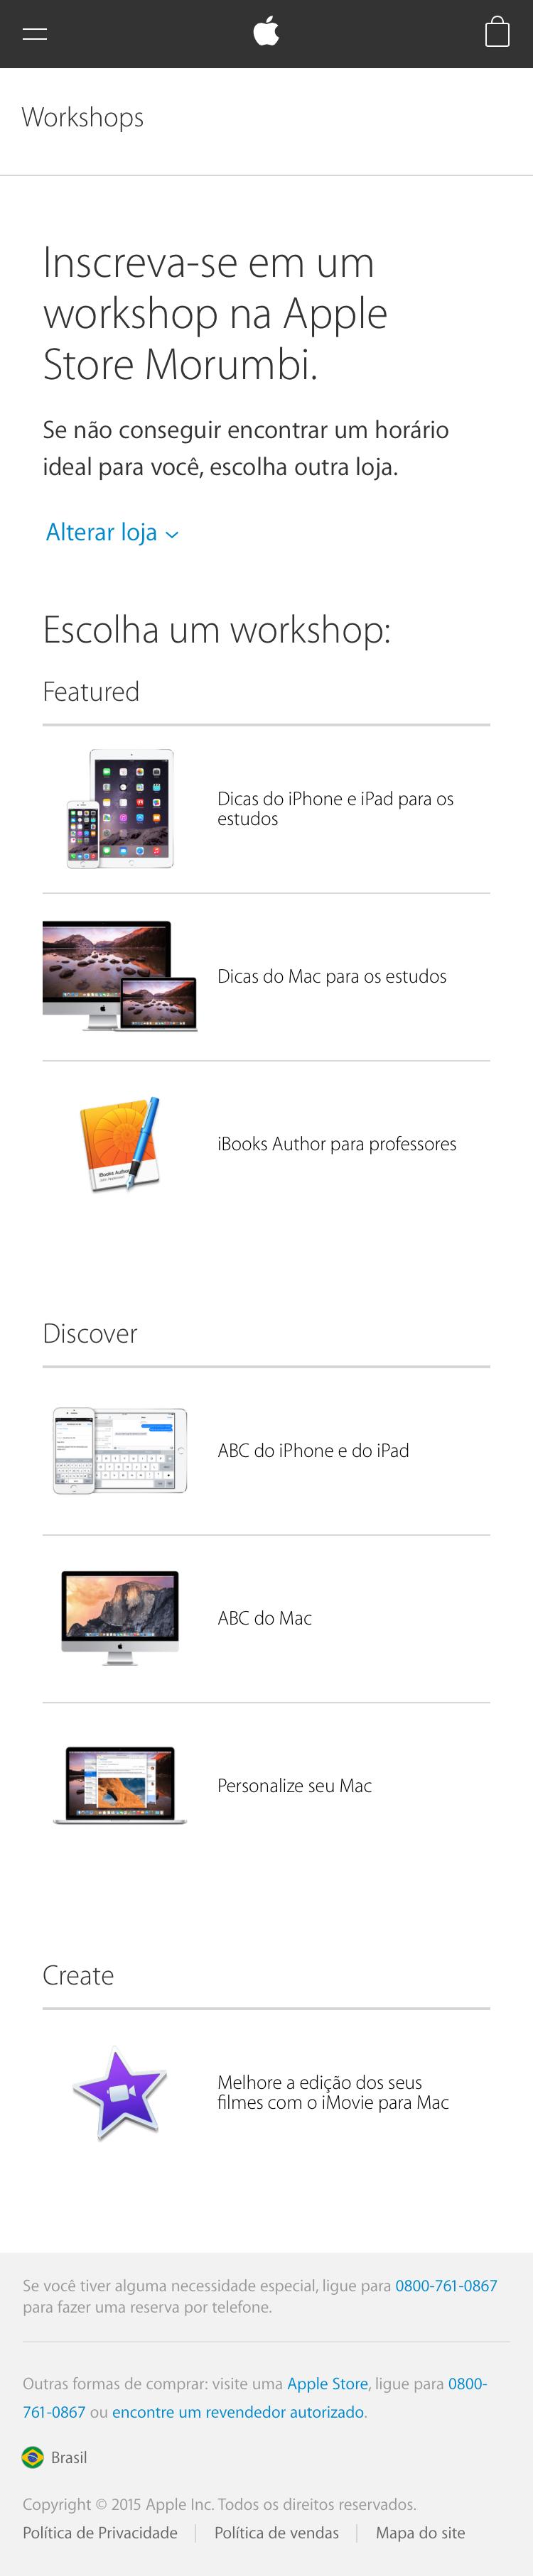 Site mobile para agendamento de Workshops da Apple